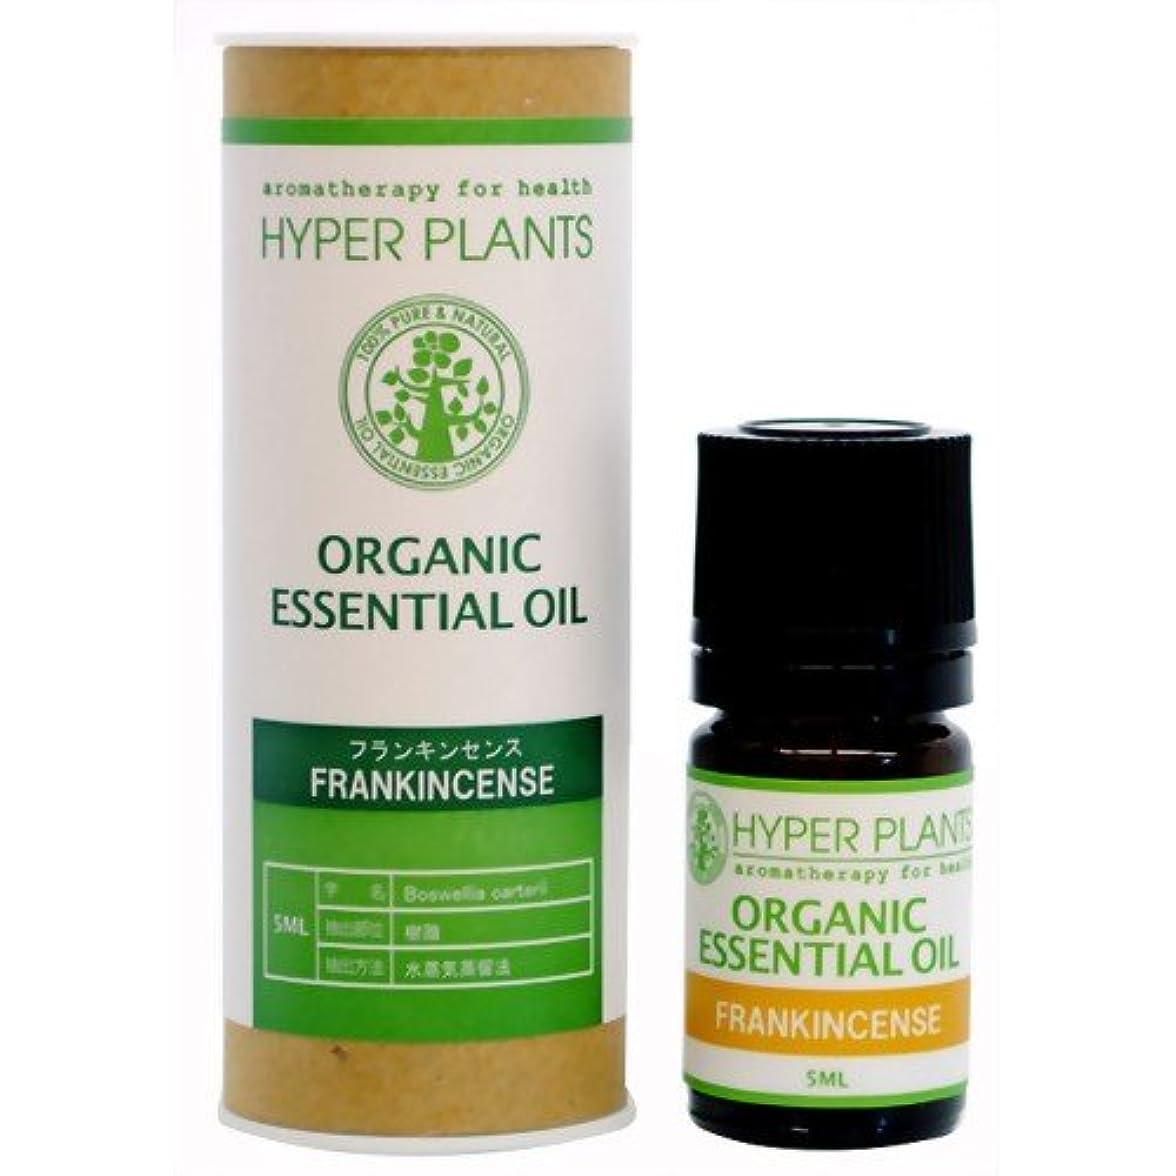 競争力のある印象うんざりHYPER PLANTS ハイパープランツ オーガニックエッセンシャルオイル フランキンセンス 5ml HE0024